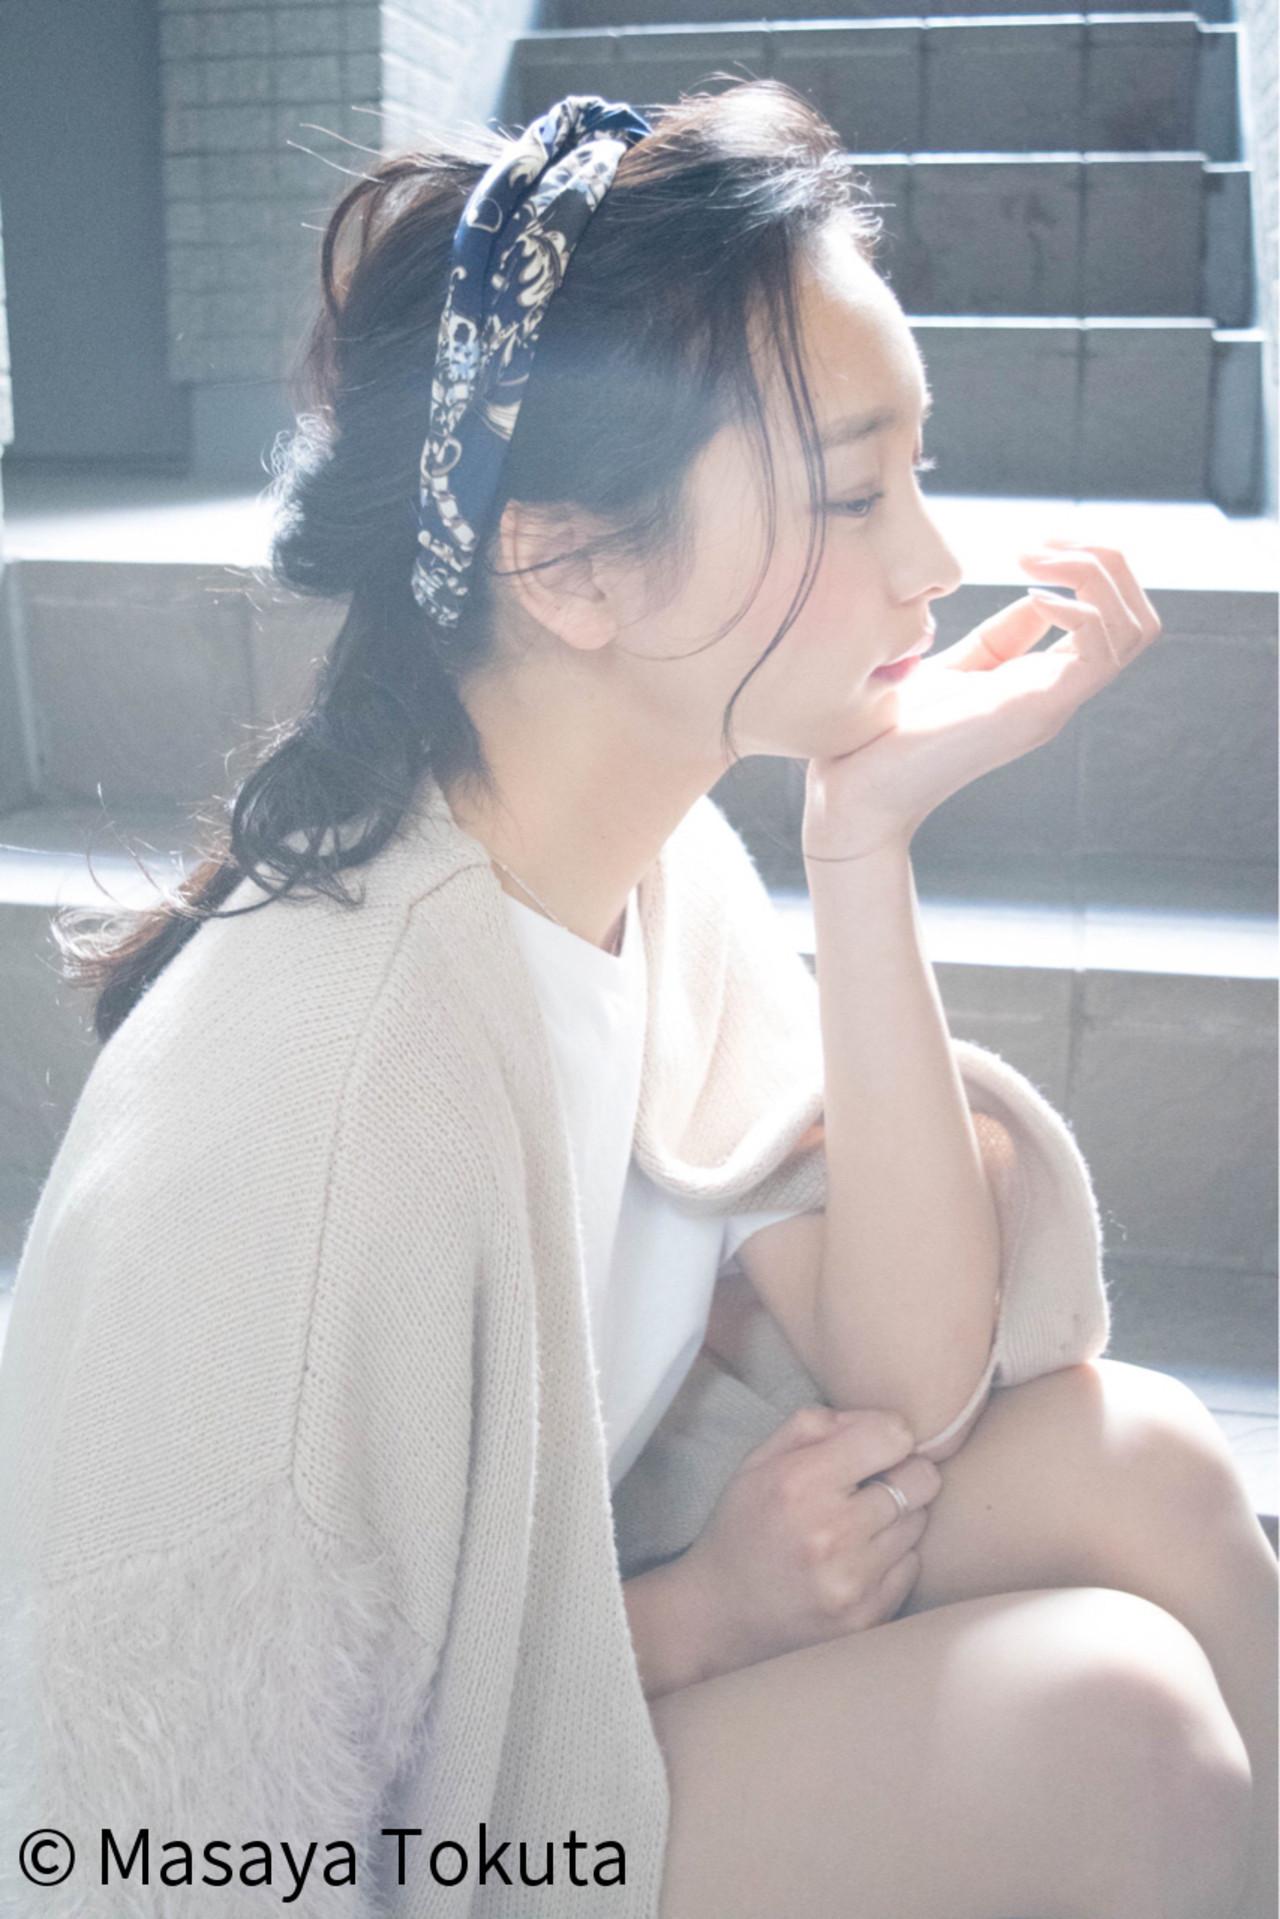 超簡単!オシャレでかわいい♡ヘアバンドを使ったアレンジスタイル Masaya Tokuta